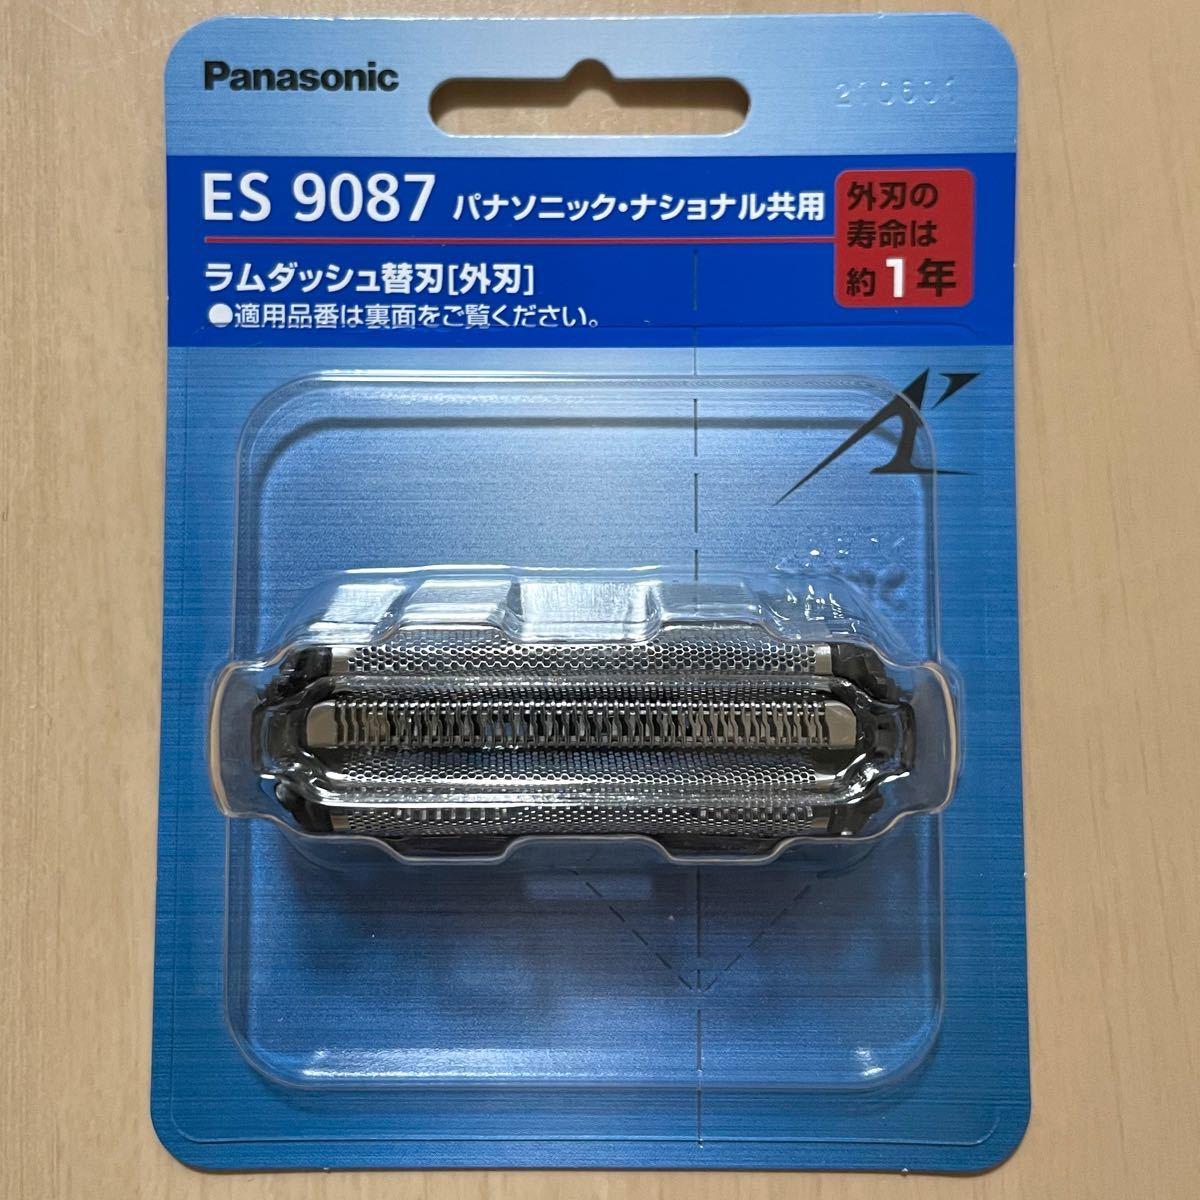 替刃(外刃) ES9087 ラムダッシュ Panasonic パナソニック